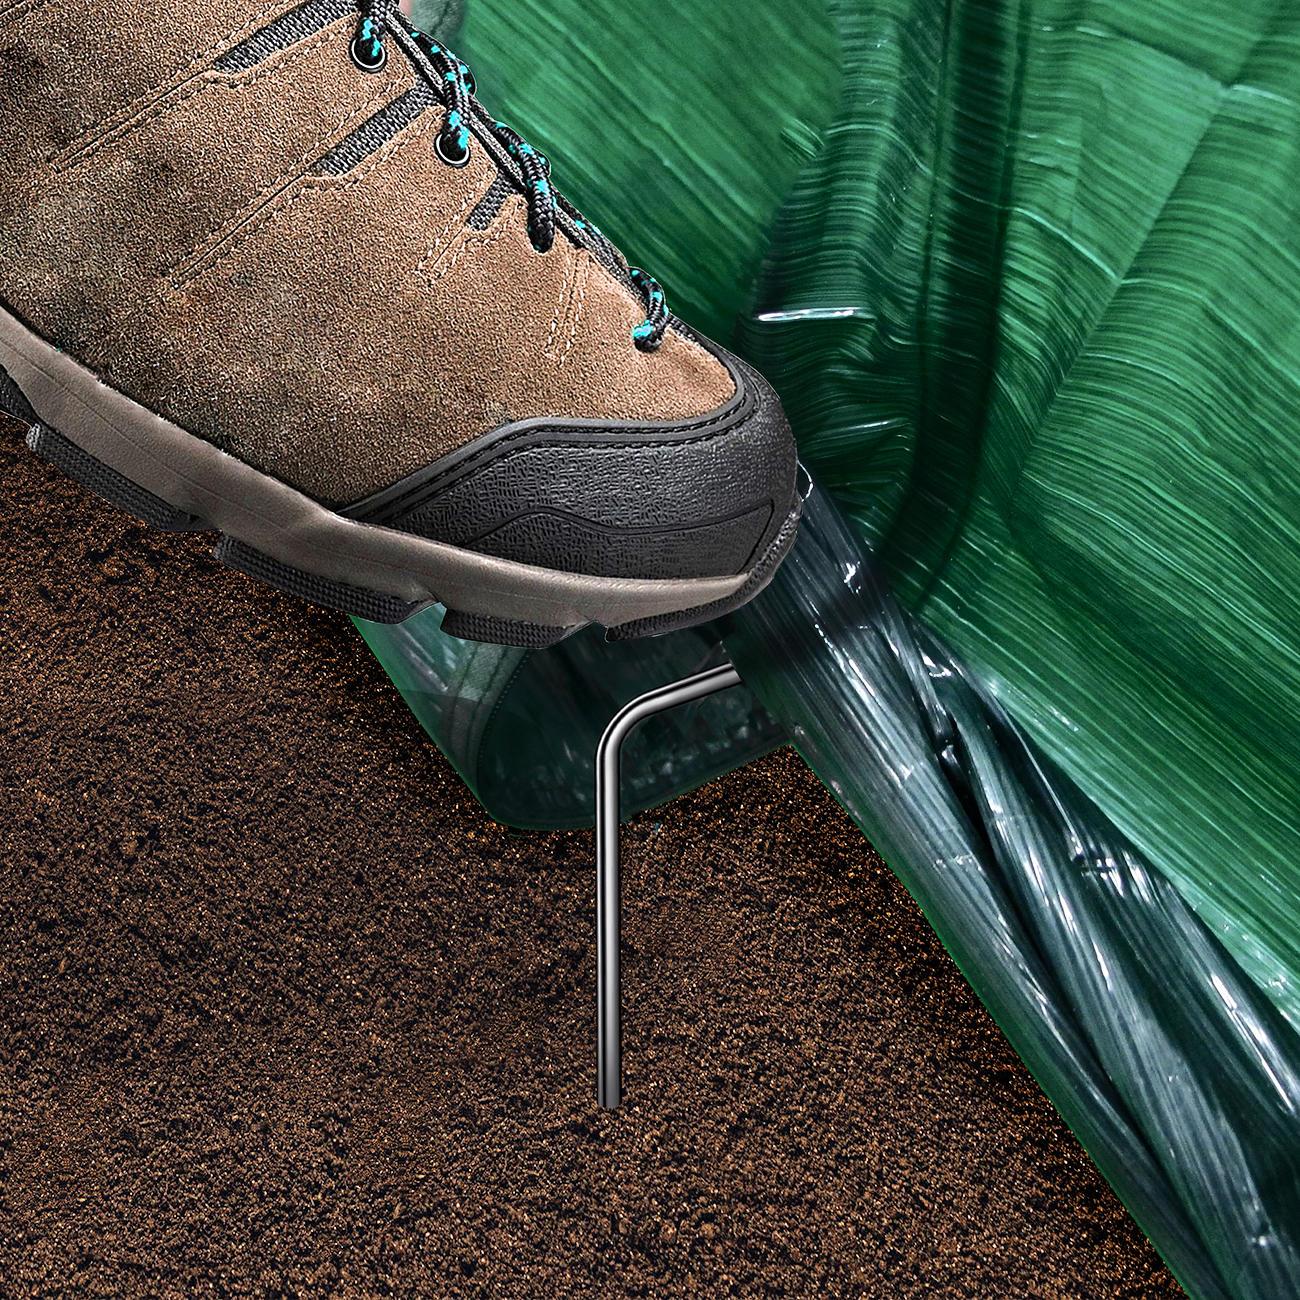 superdome folientunnel 3 jahre garantie pro idee. Black Bedroom Furniture Sets. Home Design Ideas